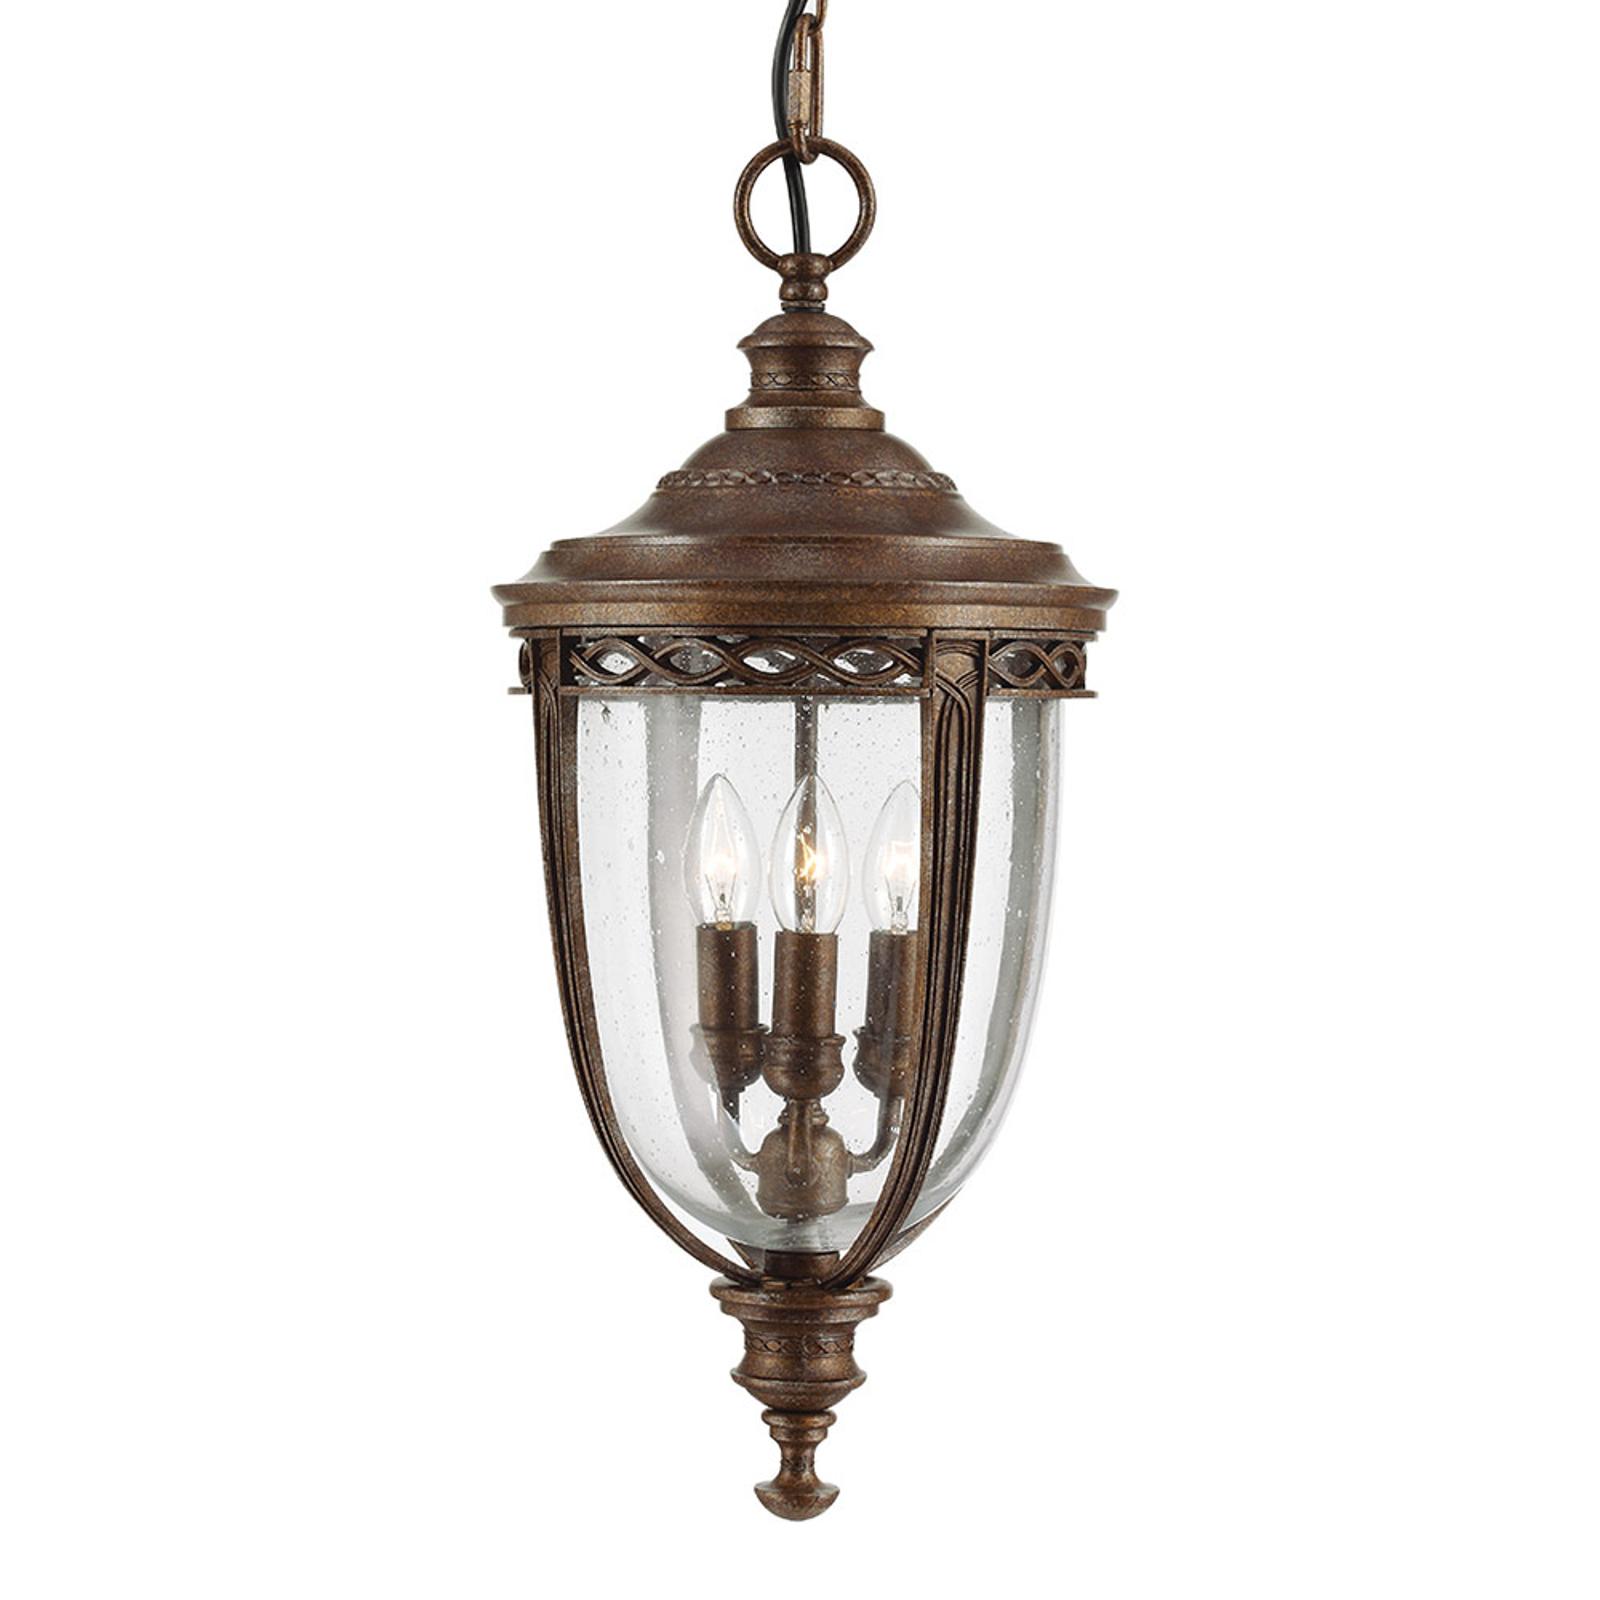 Hanglamp English Bridle voor buiten, brons